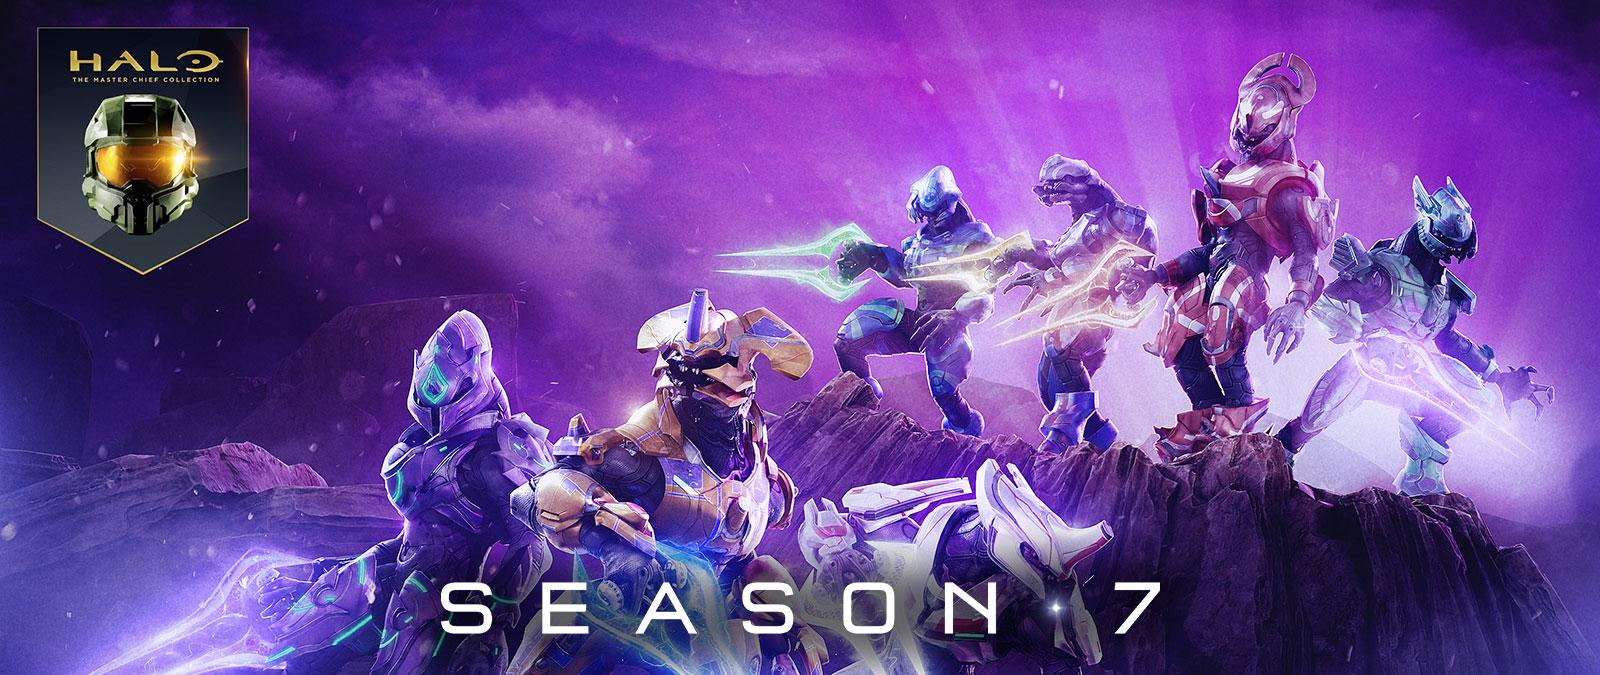 Halo: The Master Chief Collection,賽季 7,多位精英身穿各式護甲,手持不同顏色的能量劍